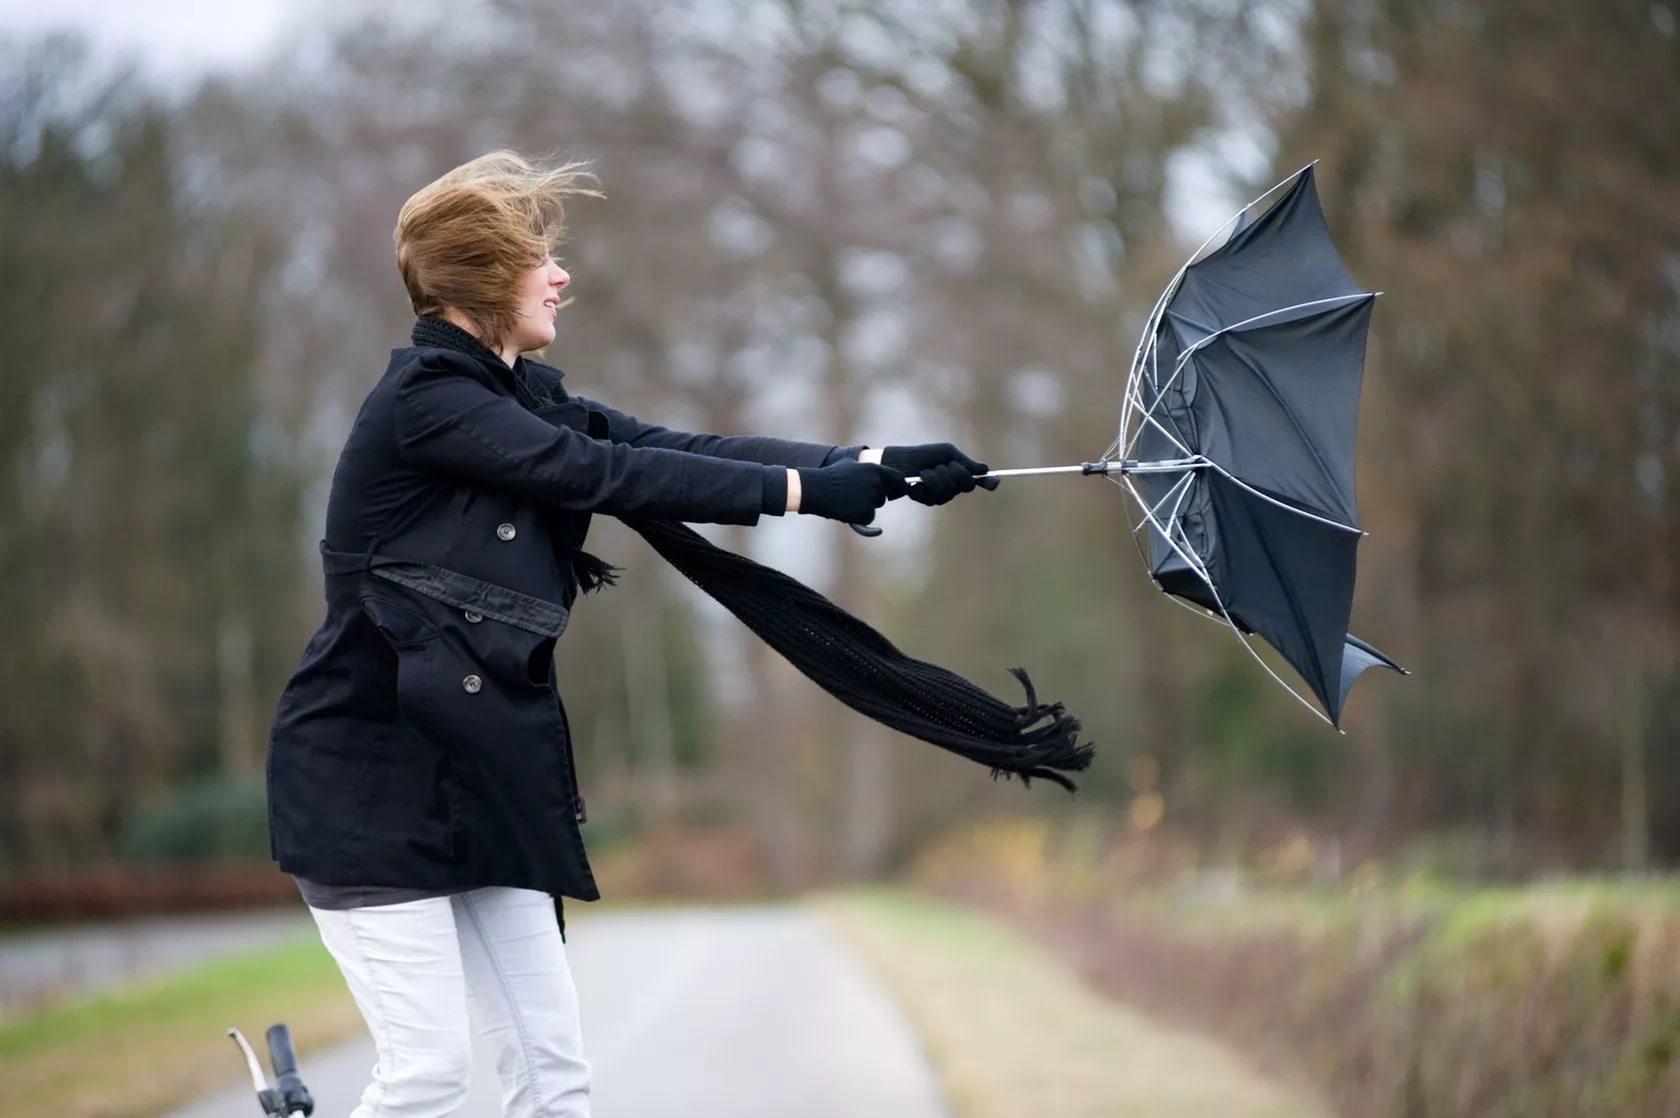 На 2 ноября в Москве объявили желтый уровень погодной опасности из-за ветра